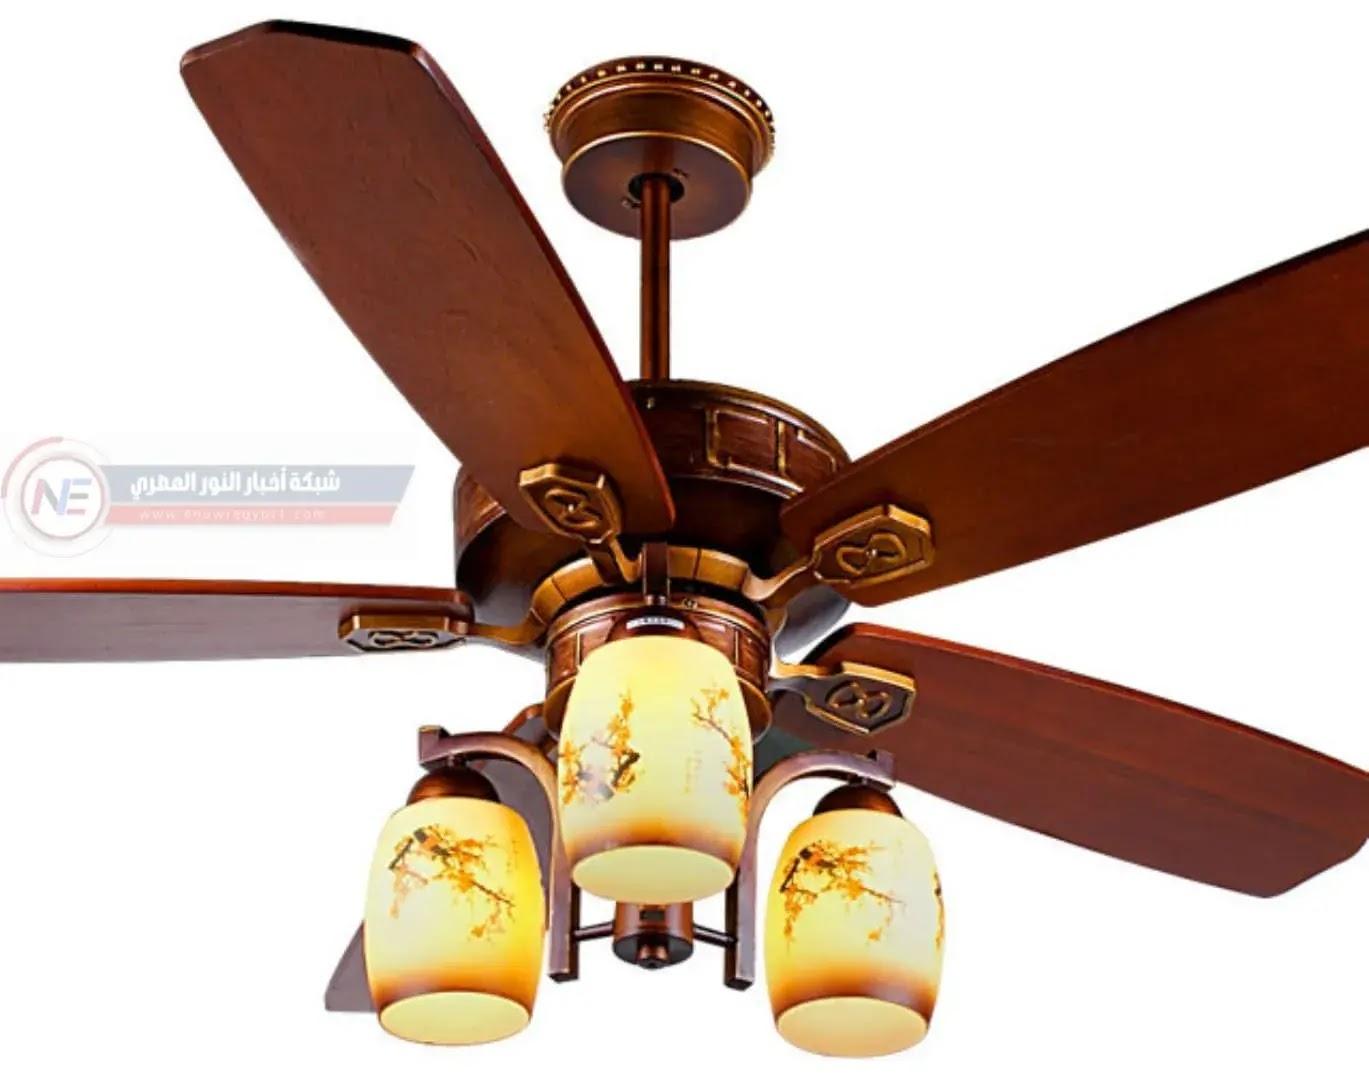 أسعار المراوح في مصر 2021 | سعر مروحة السقف - ستاند - المكتب - حائط - جميع المركات.. السعر الجديد علي دخول الصيف